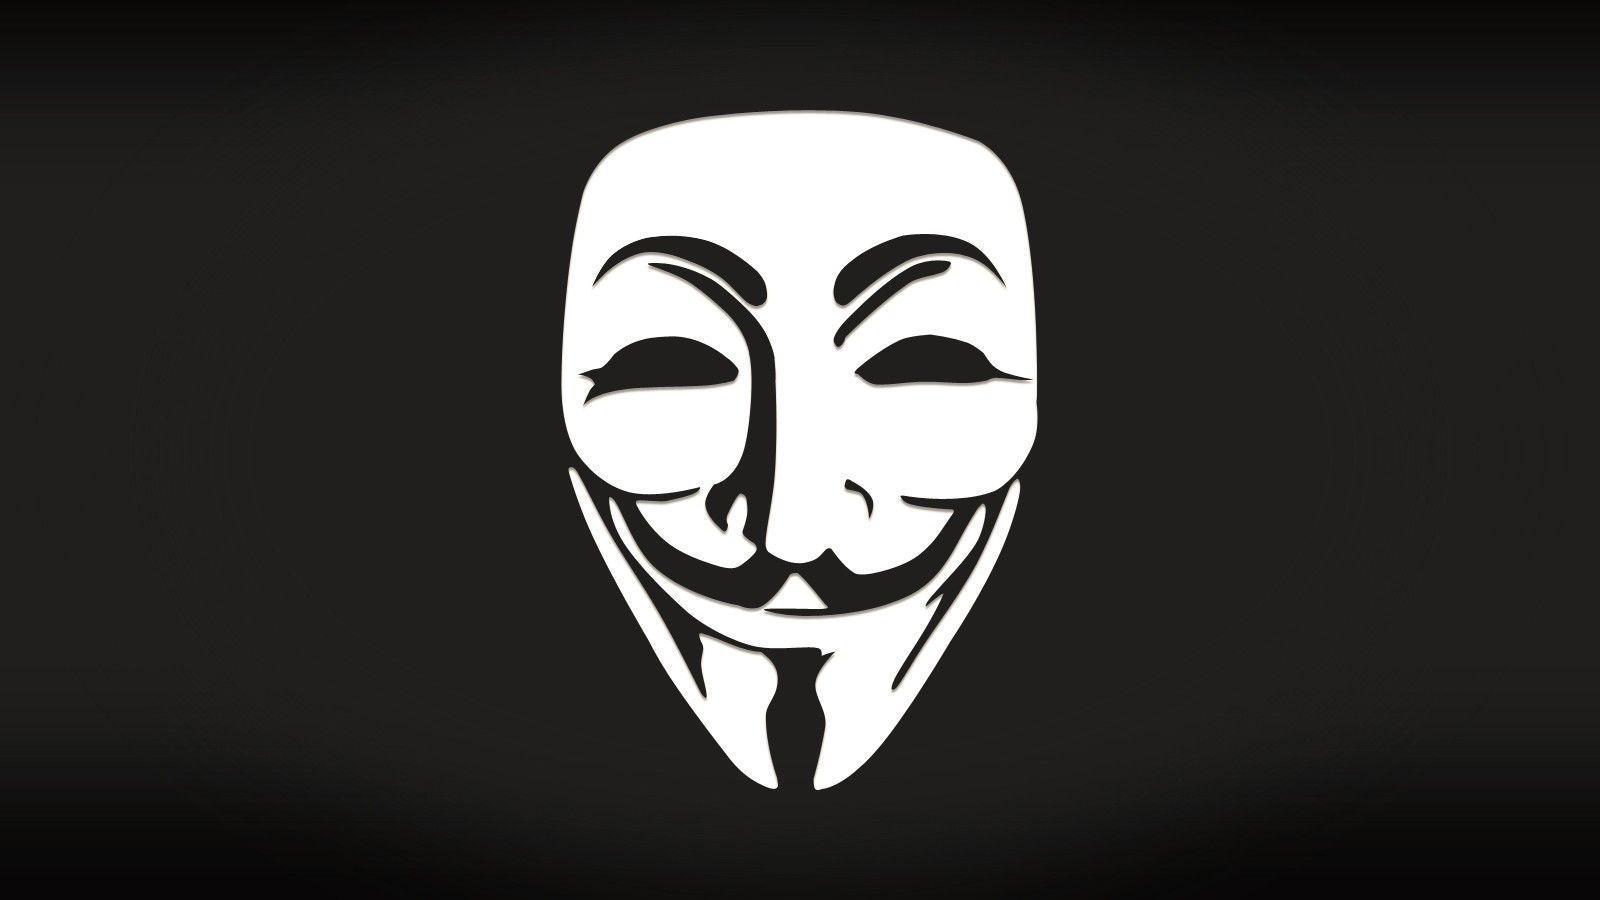 V For Vendetta Mask Wallpaper Army V For Vendetta ...